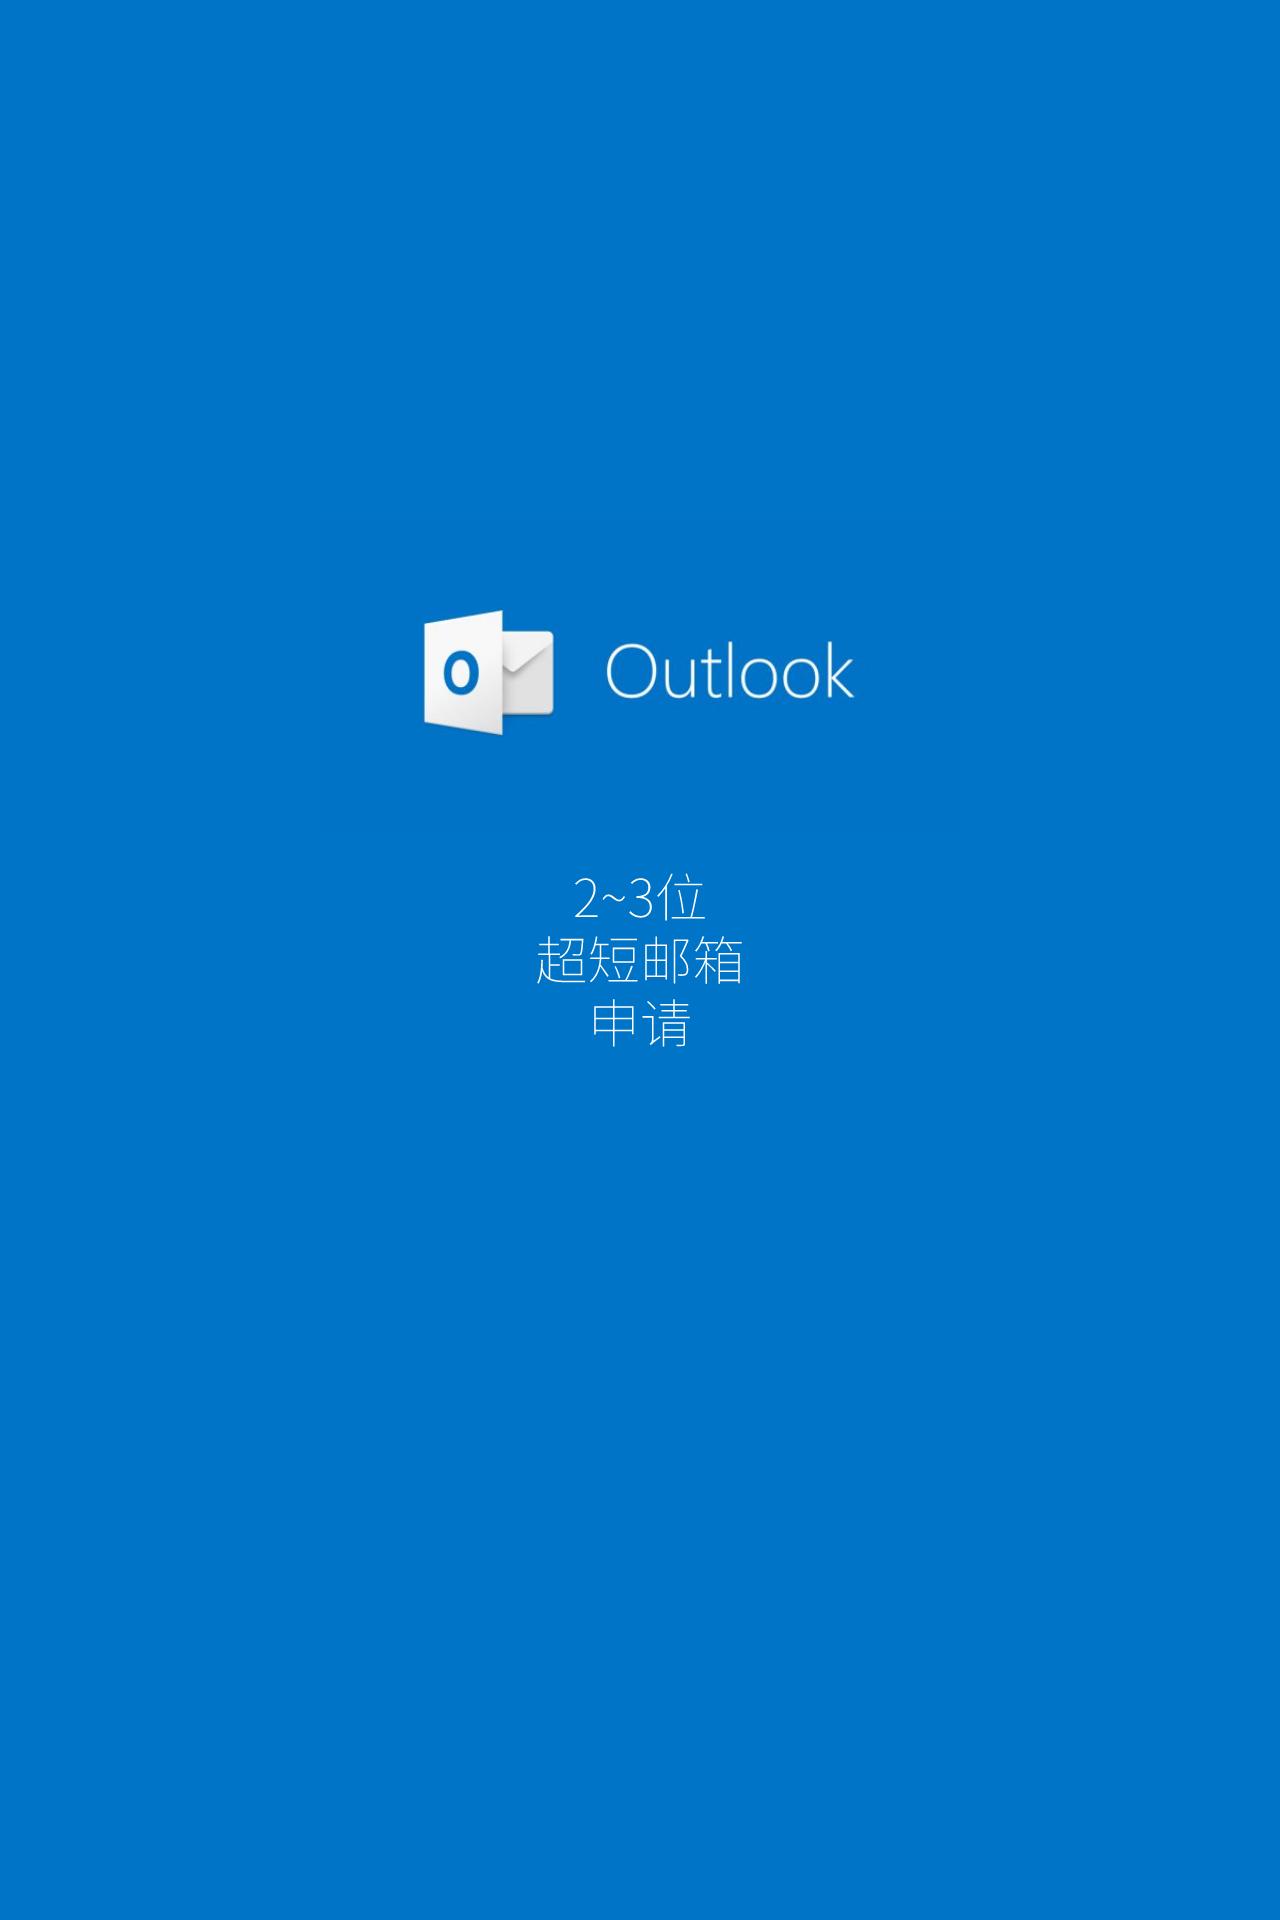 OutLook邮箱,2~3位前缀,申请